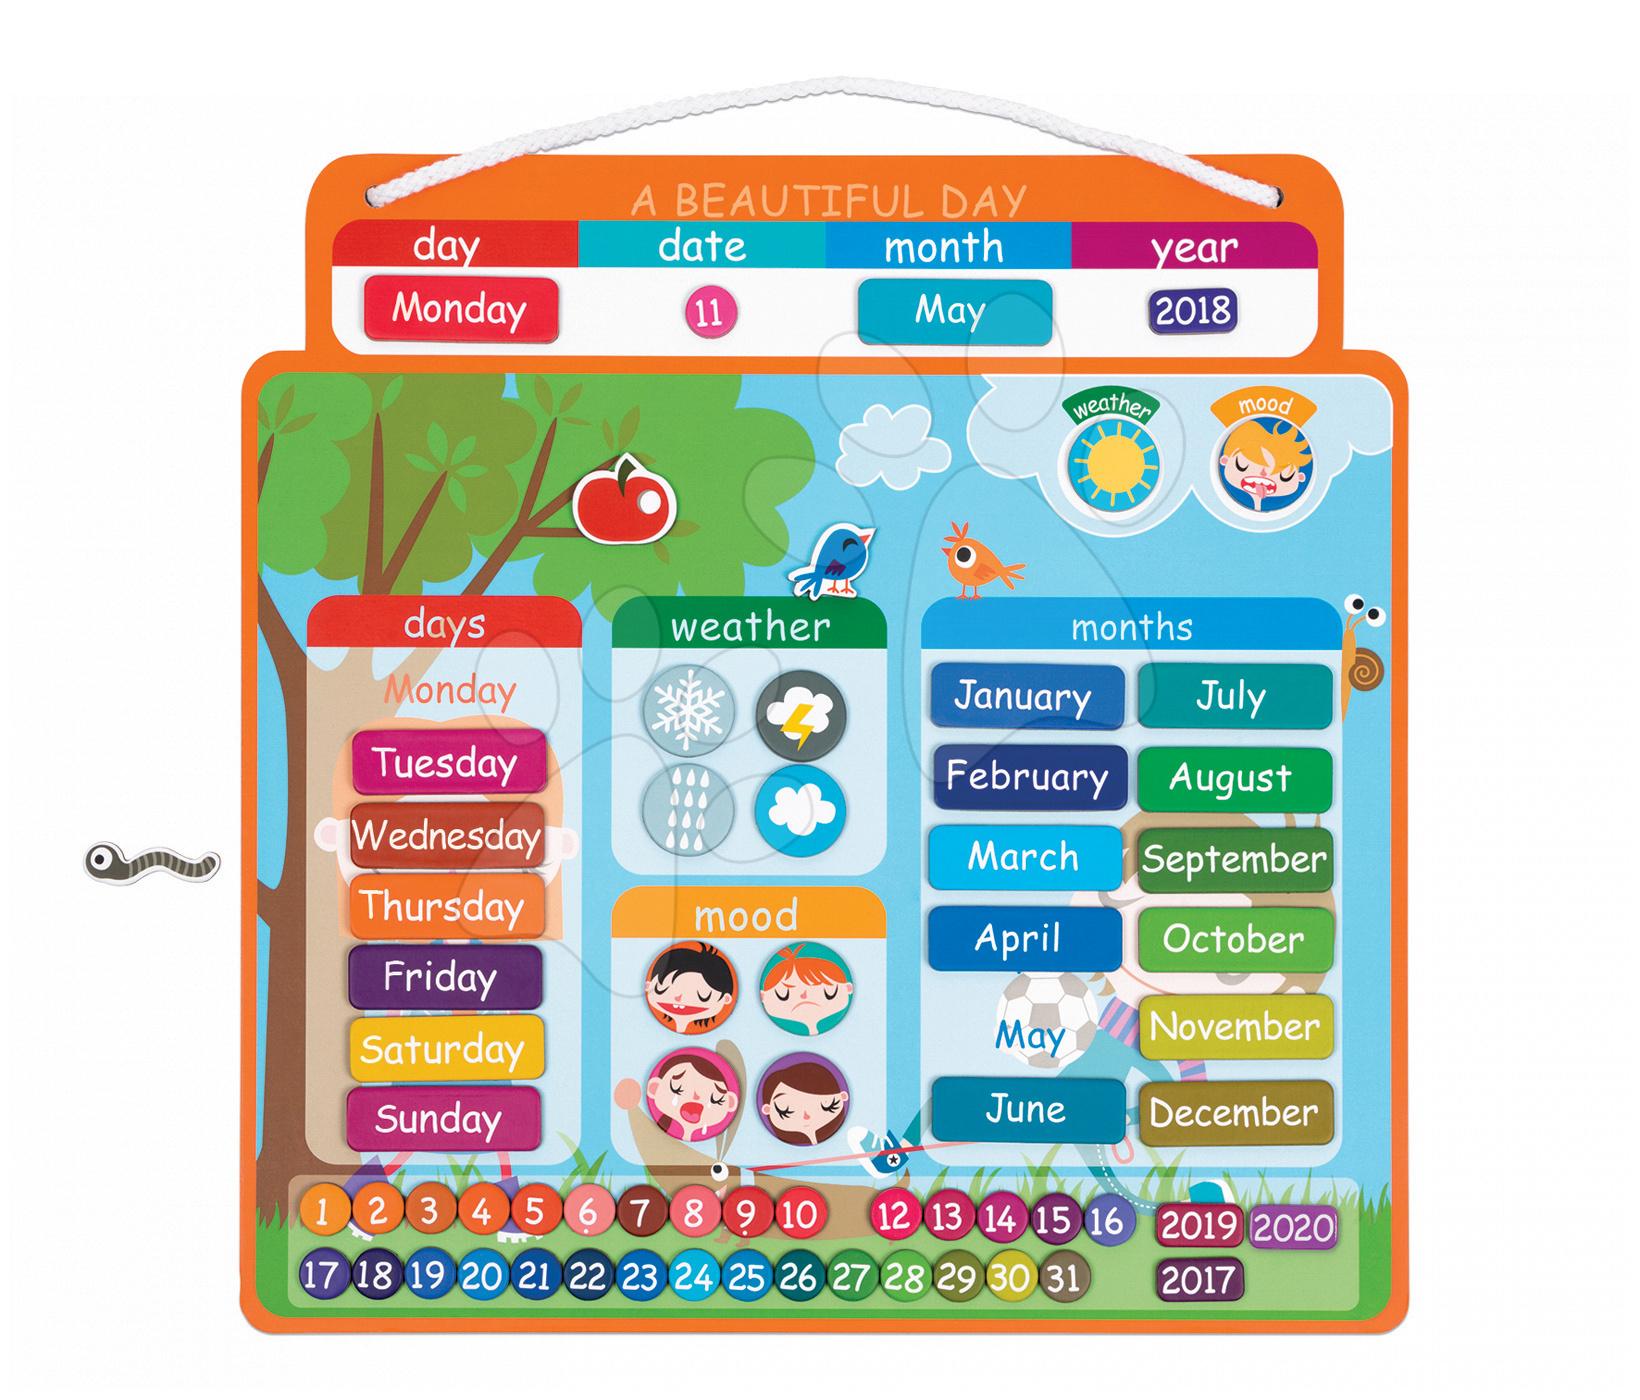 Magnetická tabule Magnetic Calendar - A Beautiful Day Janod v angličtině